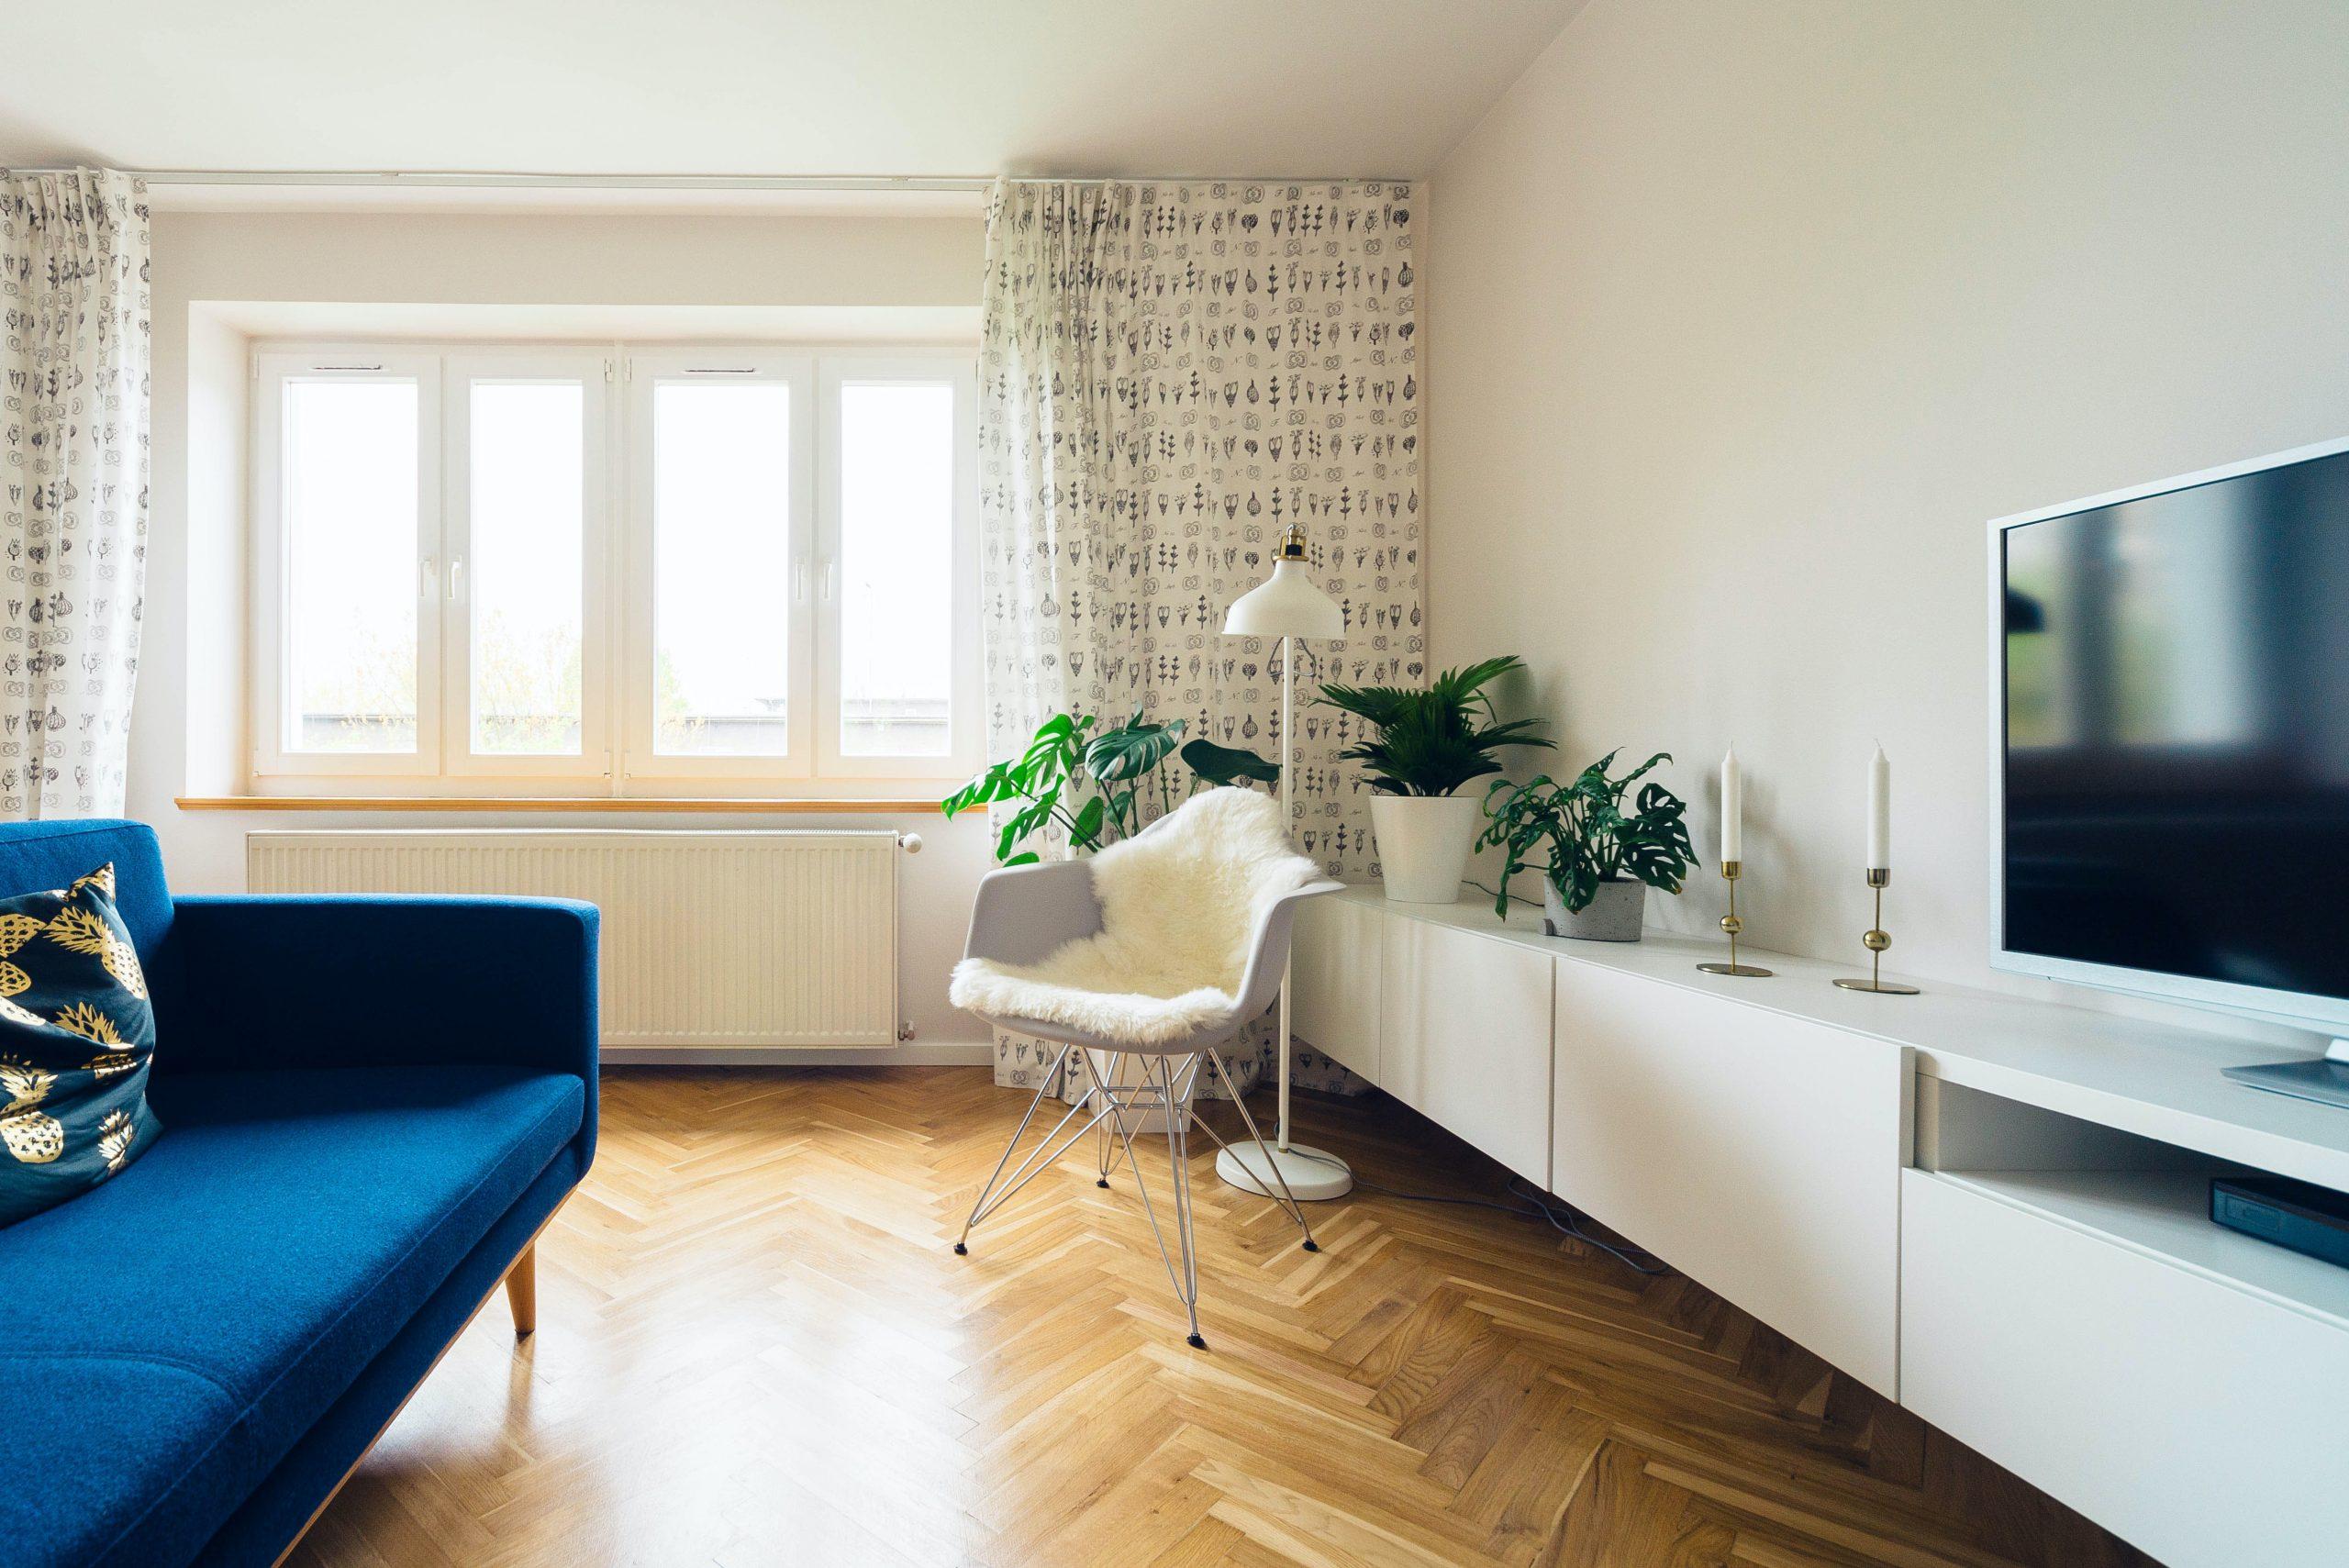 Armonía energética en el hogar